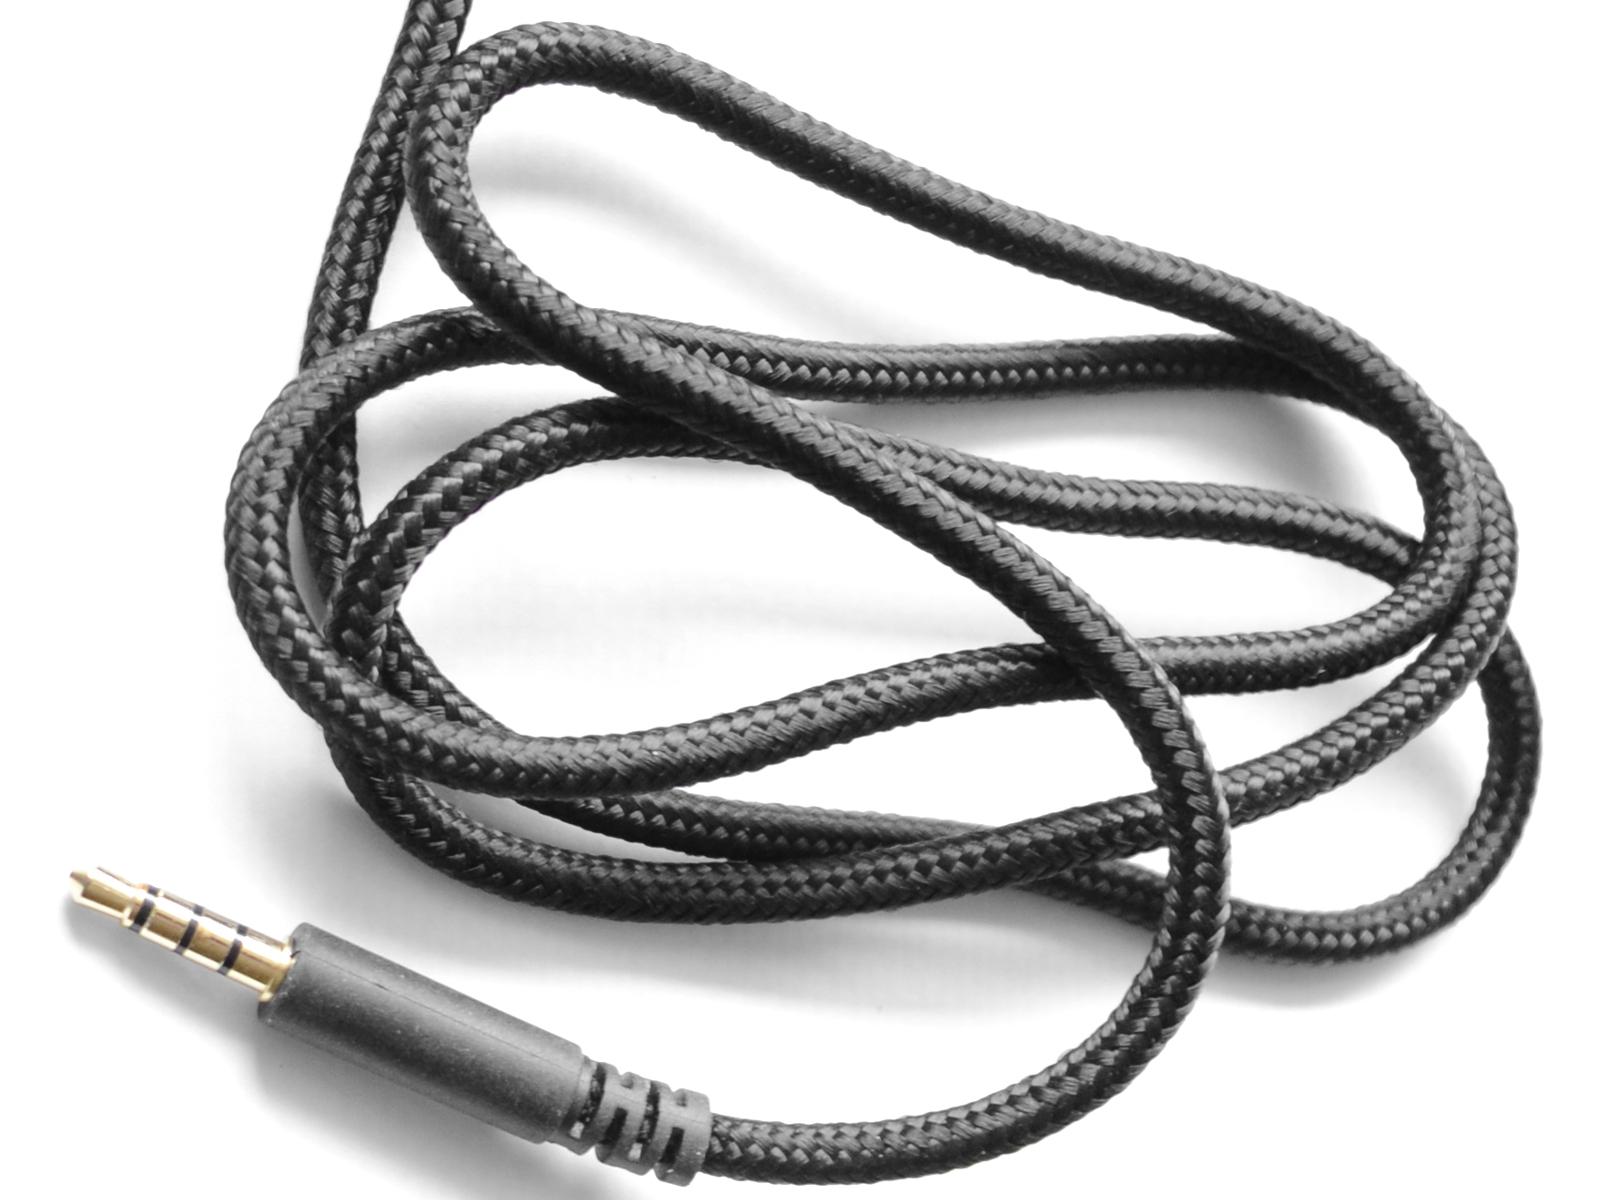 Kingston HyperX Cloud II – kabel – ITPC – Nasze spojrzenie na nowe ...